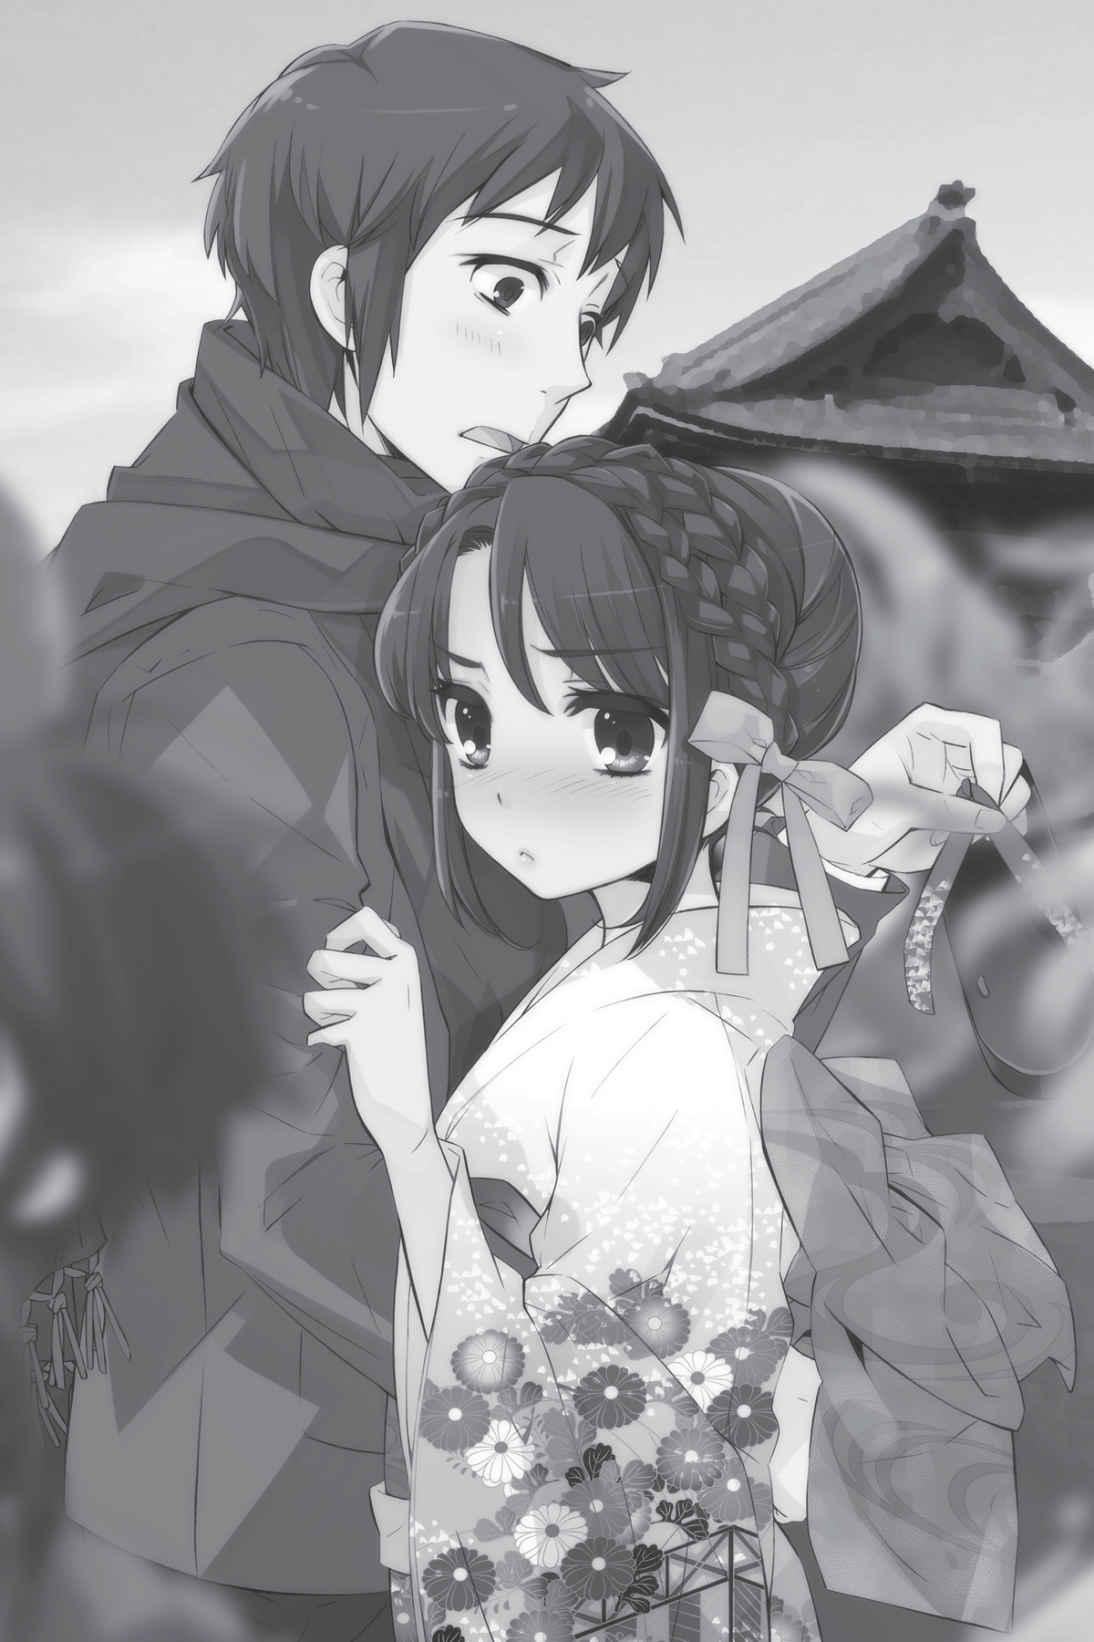 Kyon y Haruhi acaramelados. Ilustración de Noizi Ito para las novelas ligeras.